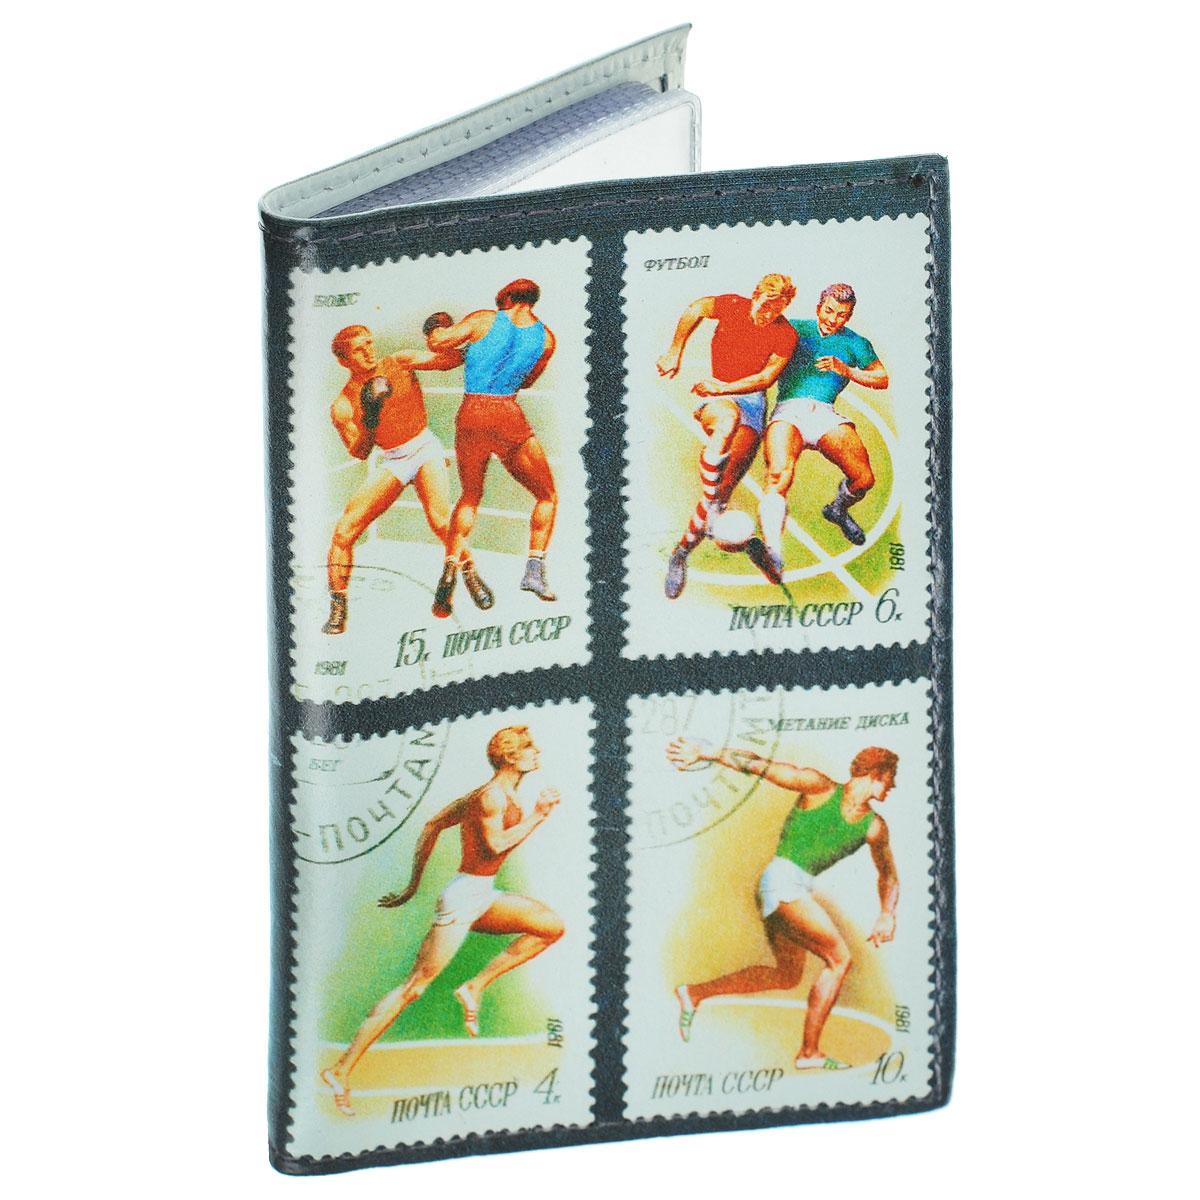 Обложка для автодокументов Спорт (марки) 1. AUTO281BV.1.-3.black/V.30.-3.blaОбложка для автодокументов Mitya Veselkov Спорт. Марки - 1 изготовлена из натуральной кожии оформлена изображениями почтовых марок со спортивной тематикой. На внутреннем развороте имеются съемный блок из шести прозрачных файлов из мягкого пластика для водительских документов, один из которых формата А5, а также два боковых кармашка для визиток или банковских карт.Стильная обложка не только поможет сохранить внешний вид ваших документов и защитит их отгрязи и пыли, но и станет аксессуаром, который подчеркнет вашу яркую индивидуальность.